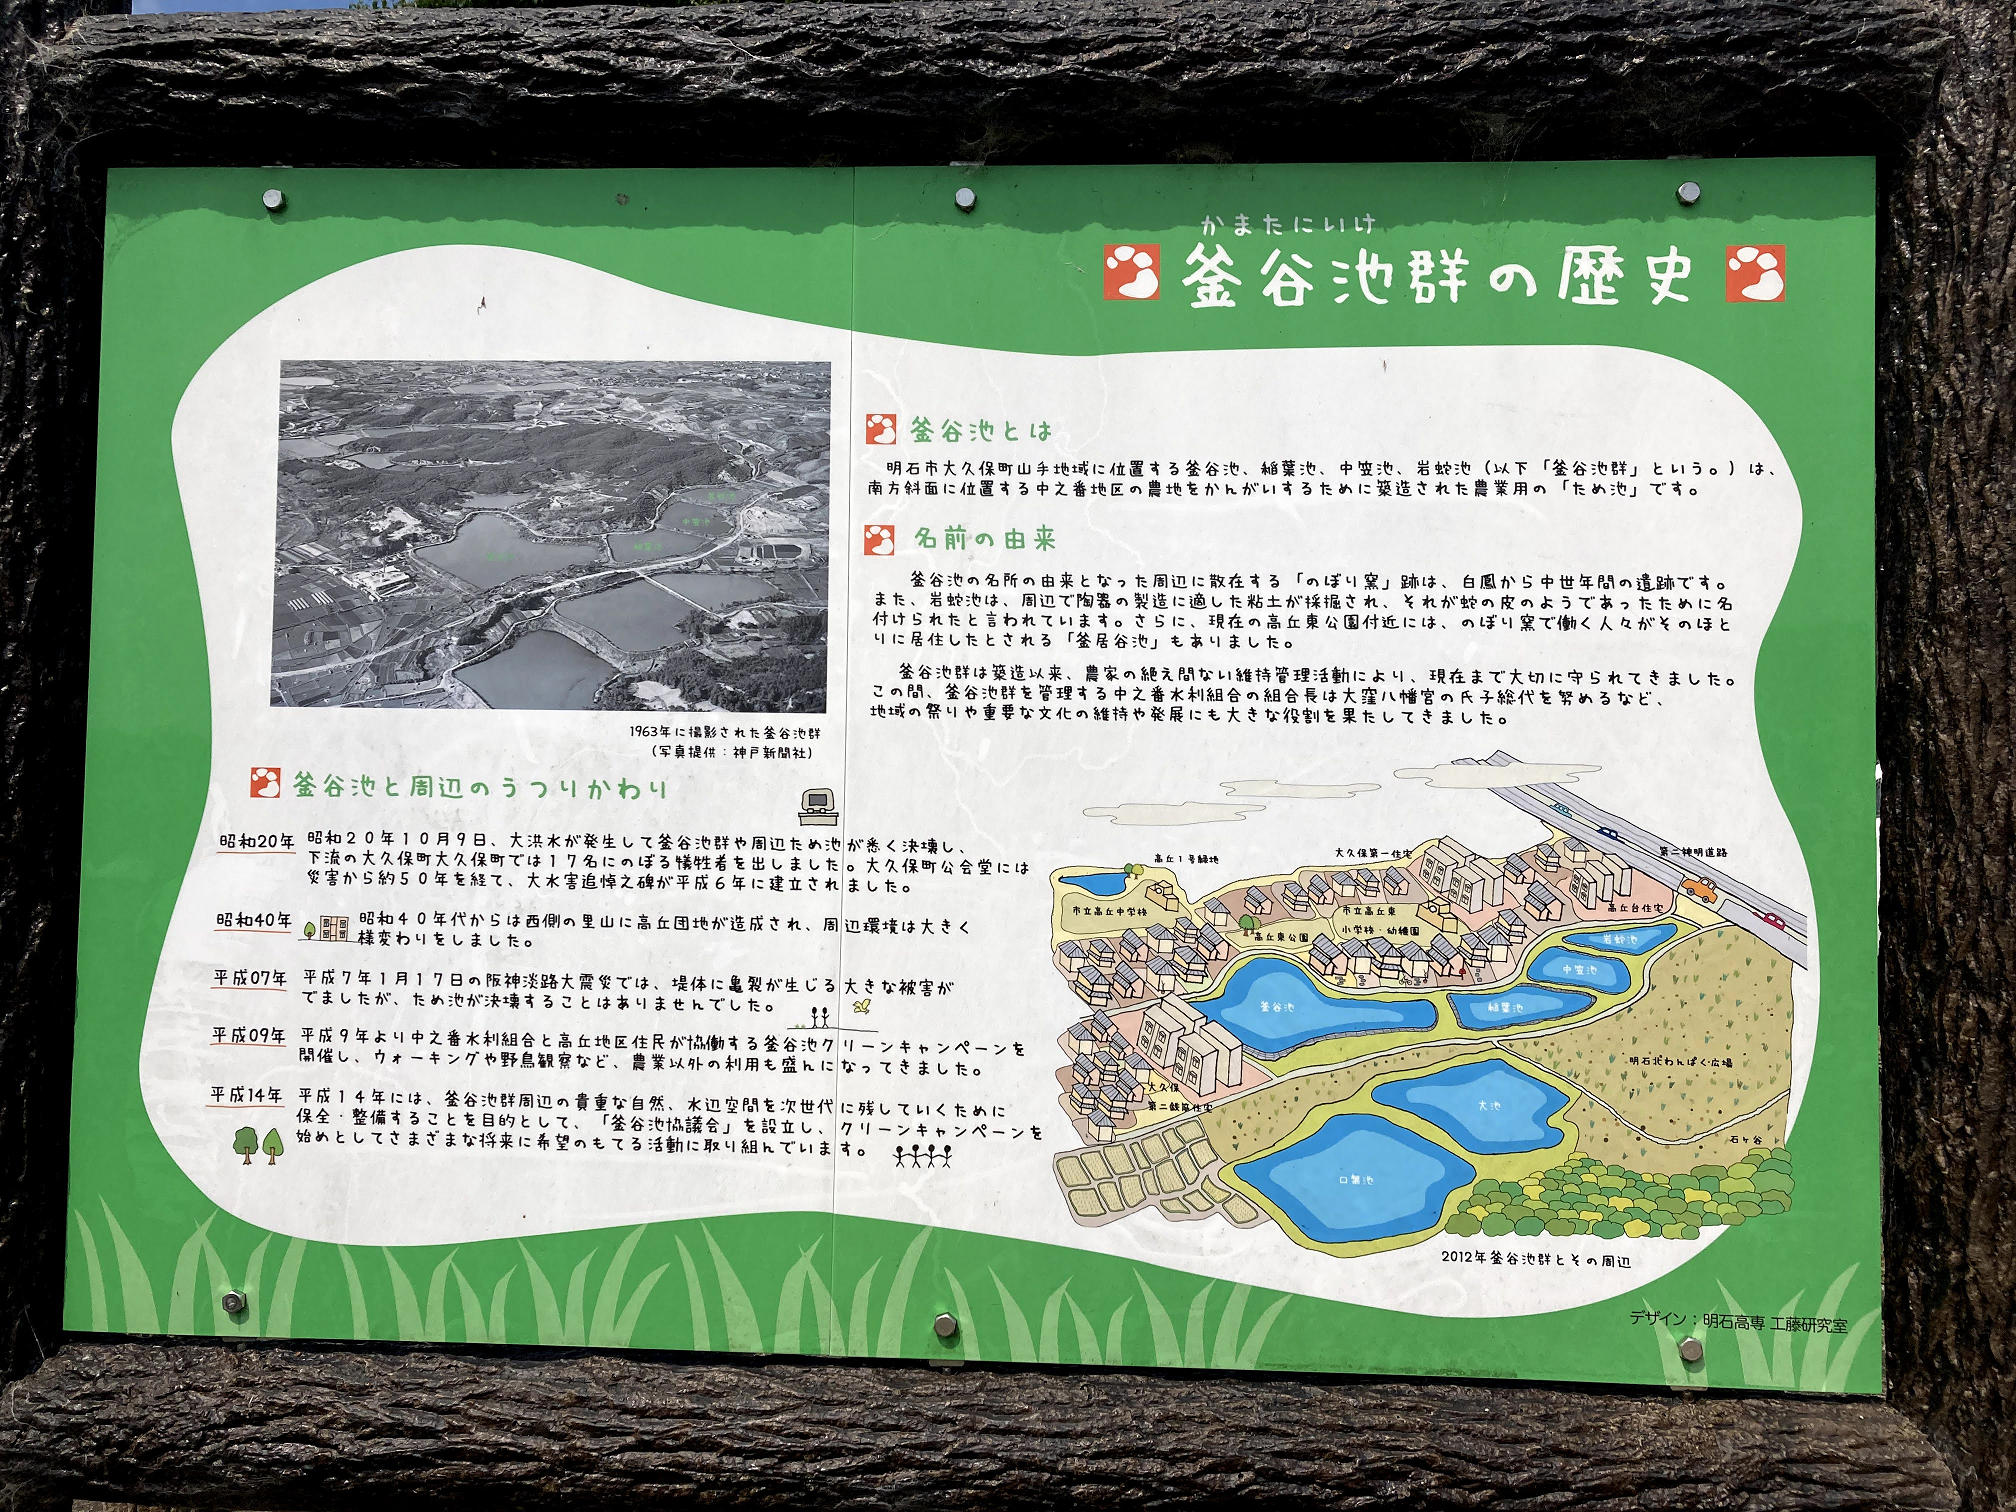 釜谷池群の歴史についての看板